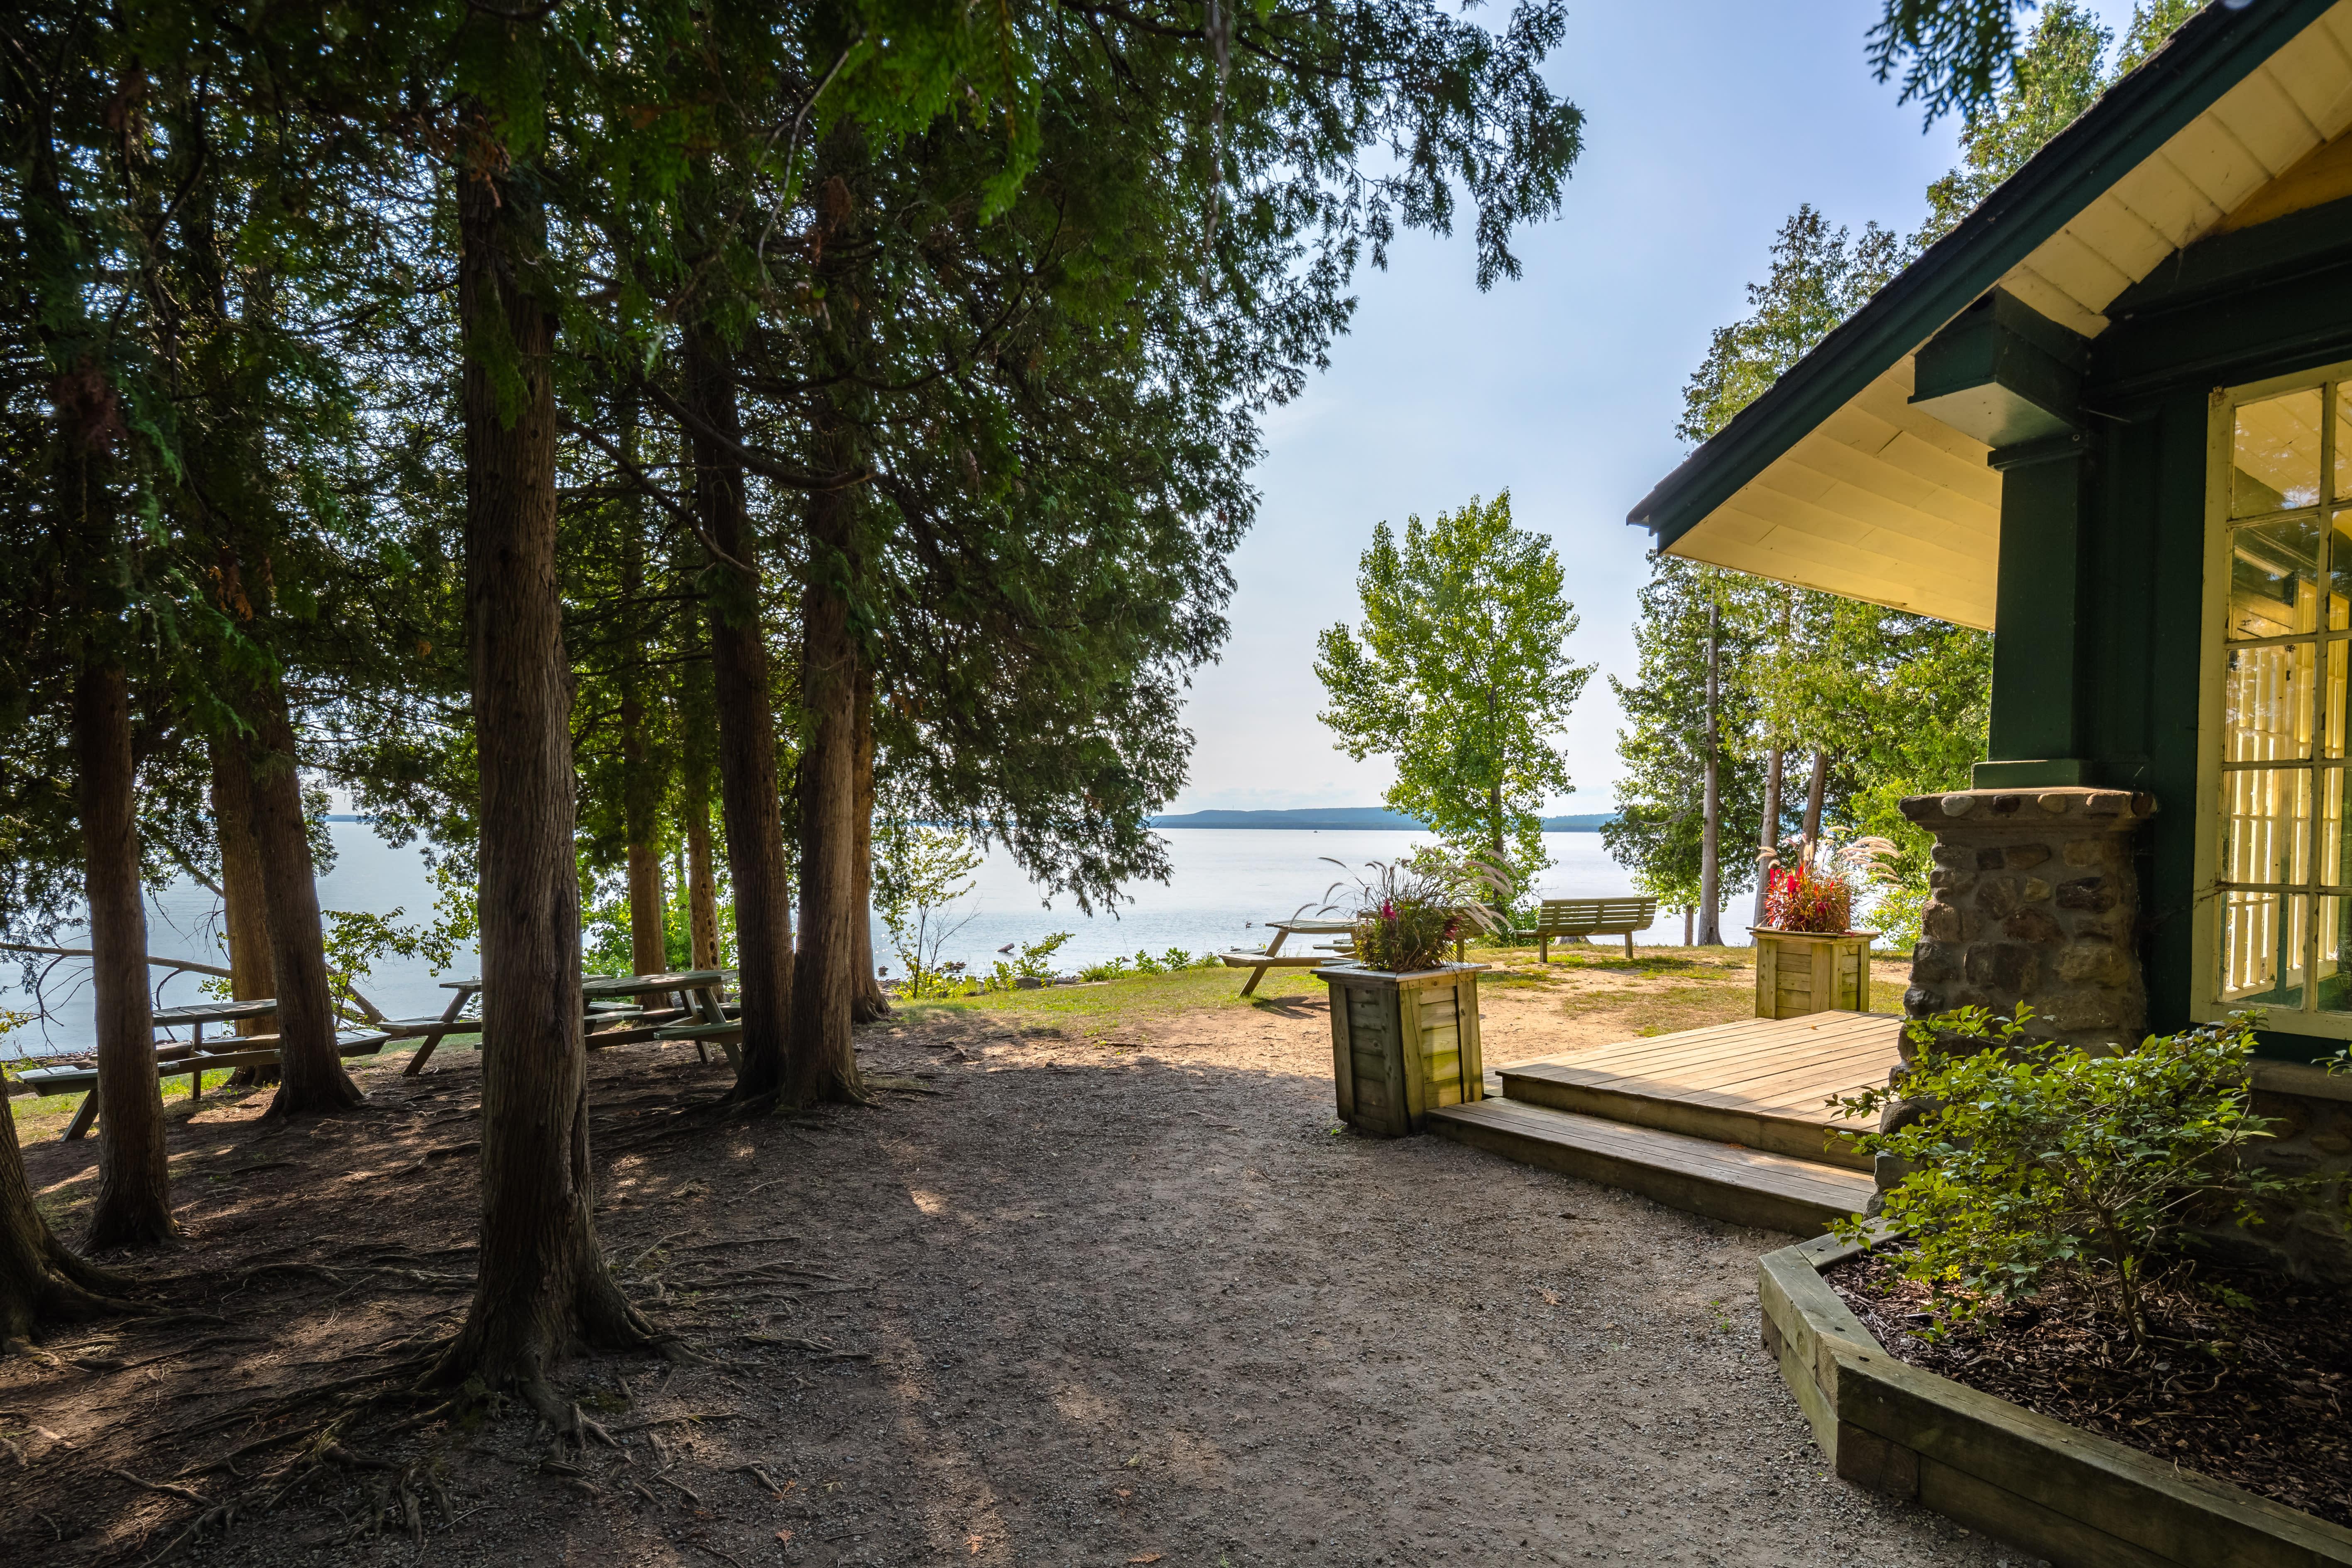 Maison de la Pointe et vue sur le lac des Deux-Montagnes, à louer, au parc-nature du Cap-Saint-Jacques.